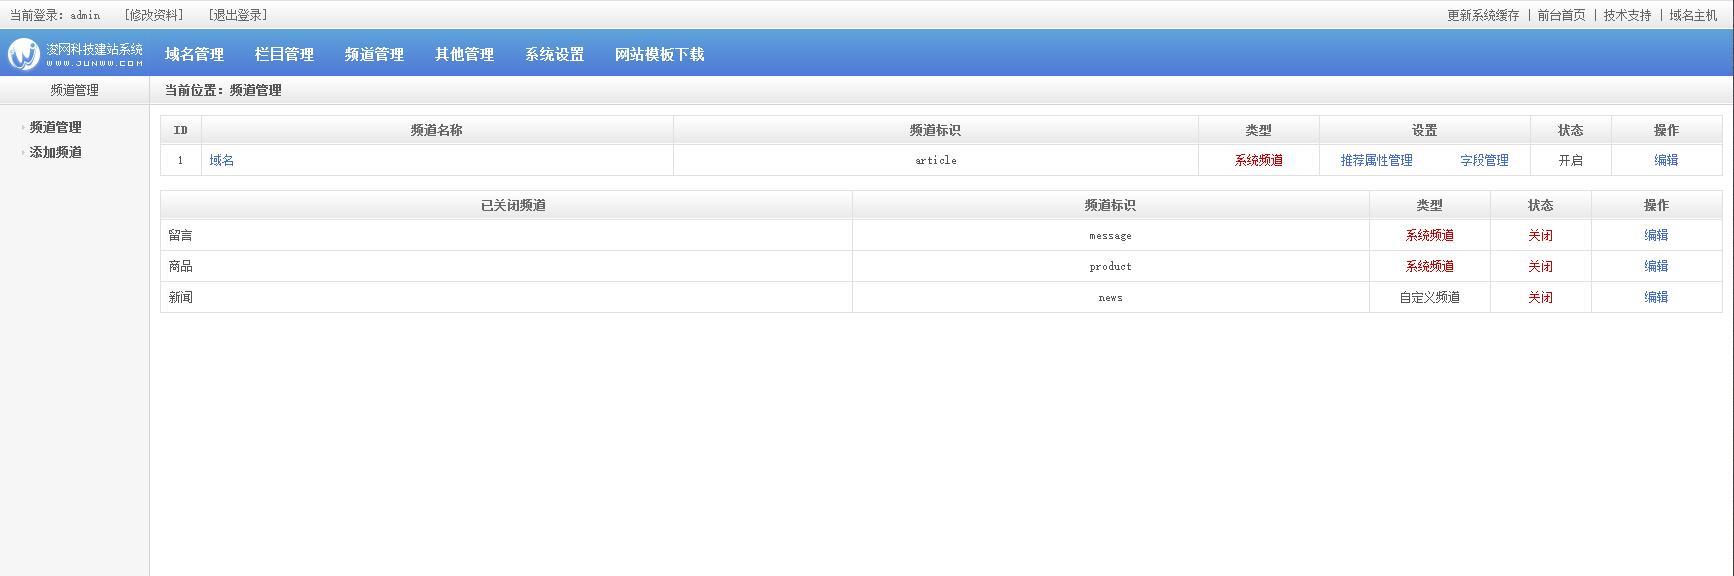 【H5米表源码】PHP米表域名出售管理源码带后台 亲测源码-找主题源码